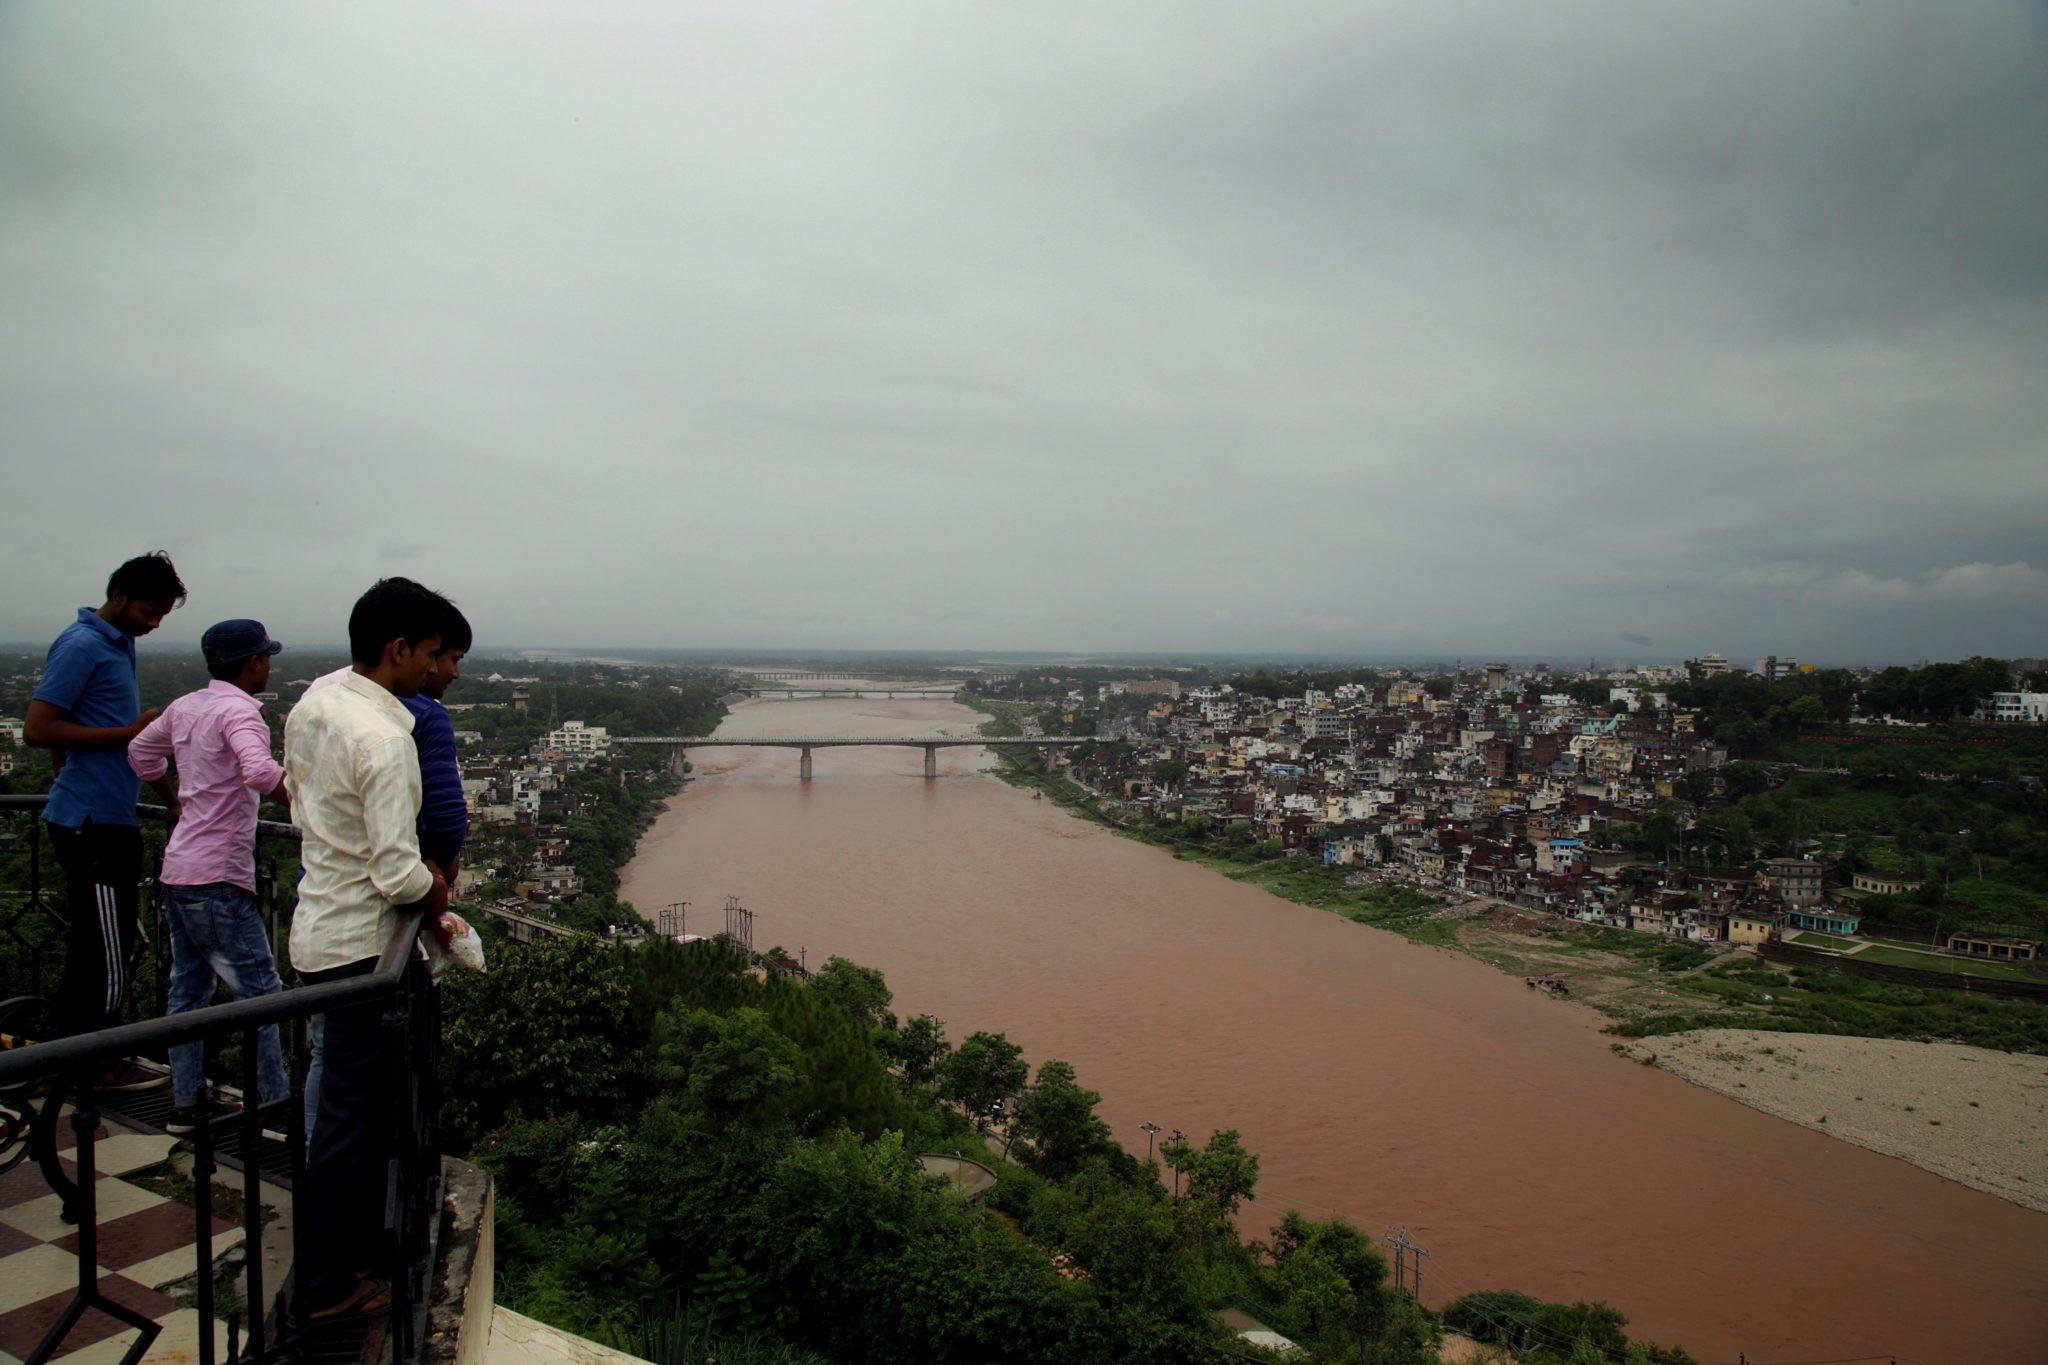 Mieszkańcy Indii spoglądają na wezbrane wody rzeki. Stan wód podnosi się po przejściu monsunowych opadów. Początek monsunu zwykle rozpoczyna się w Indiach na początku czerwca i kończy się we wrześniu, fot. Jaipal Singh, PAP/EPA